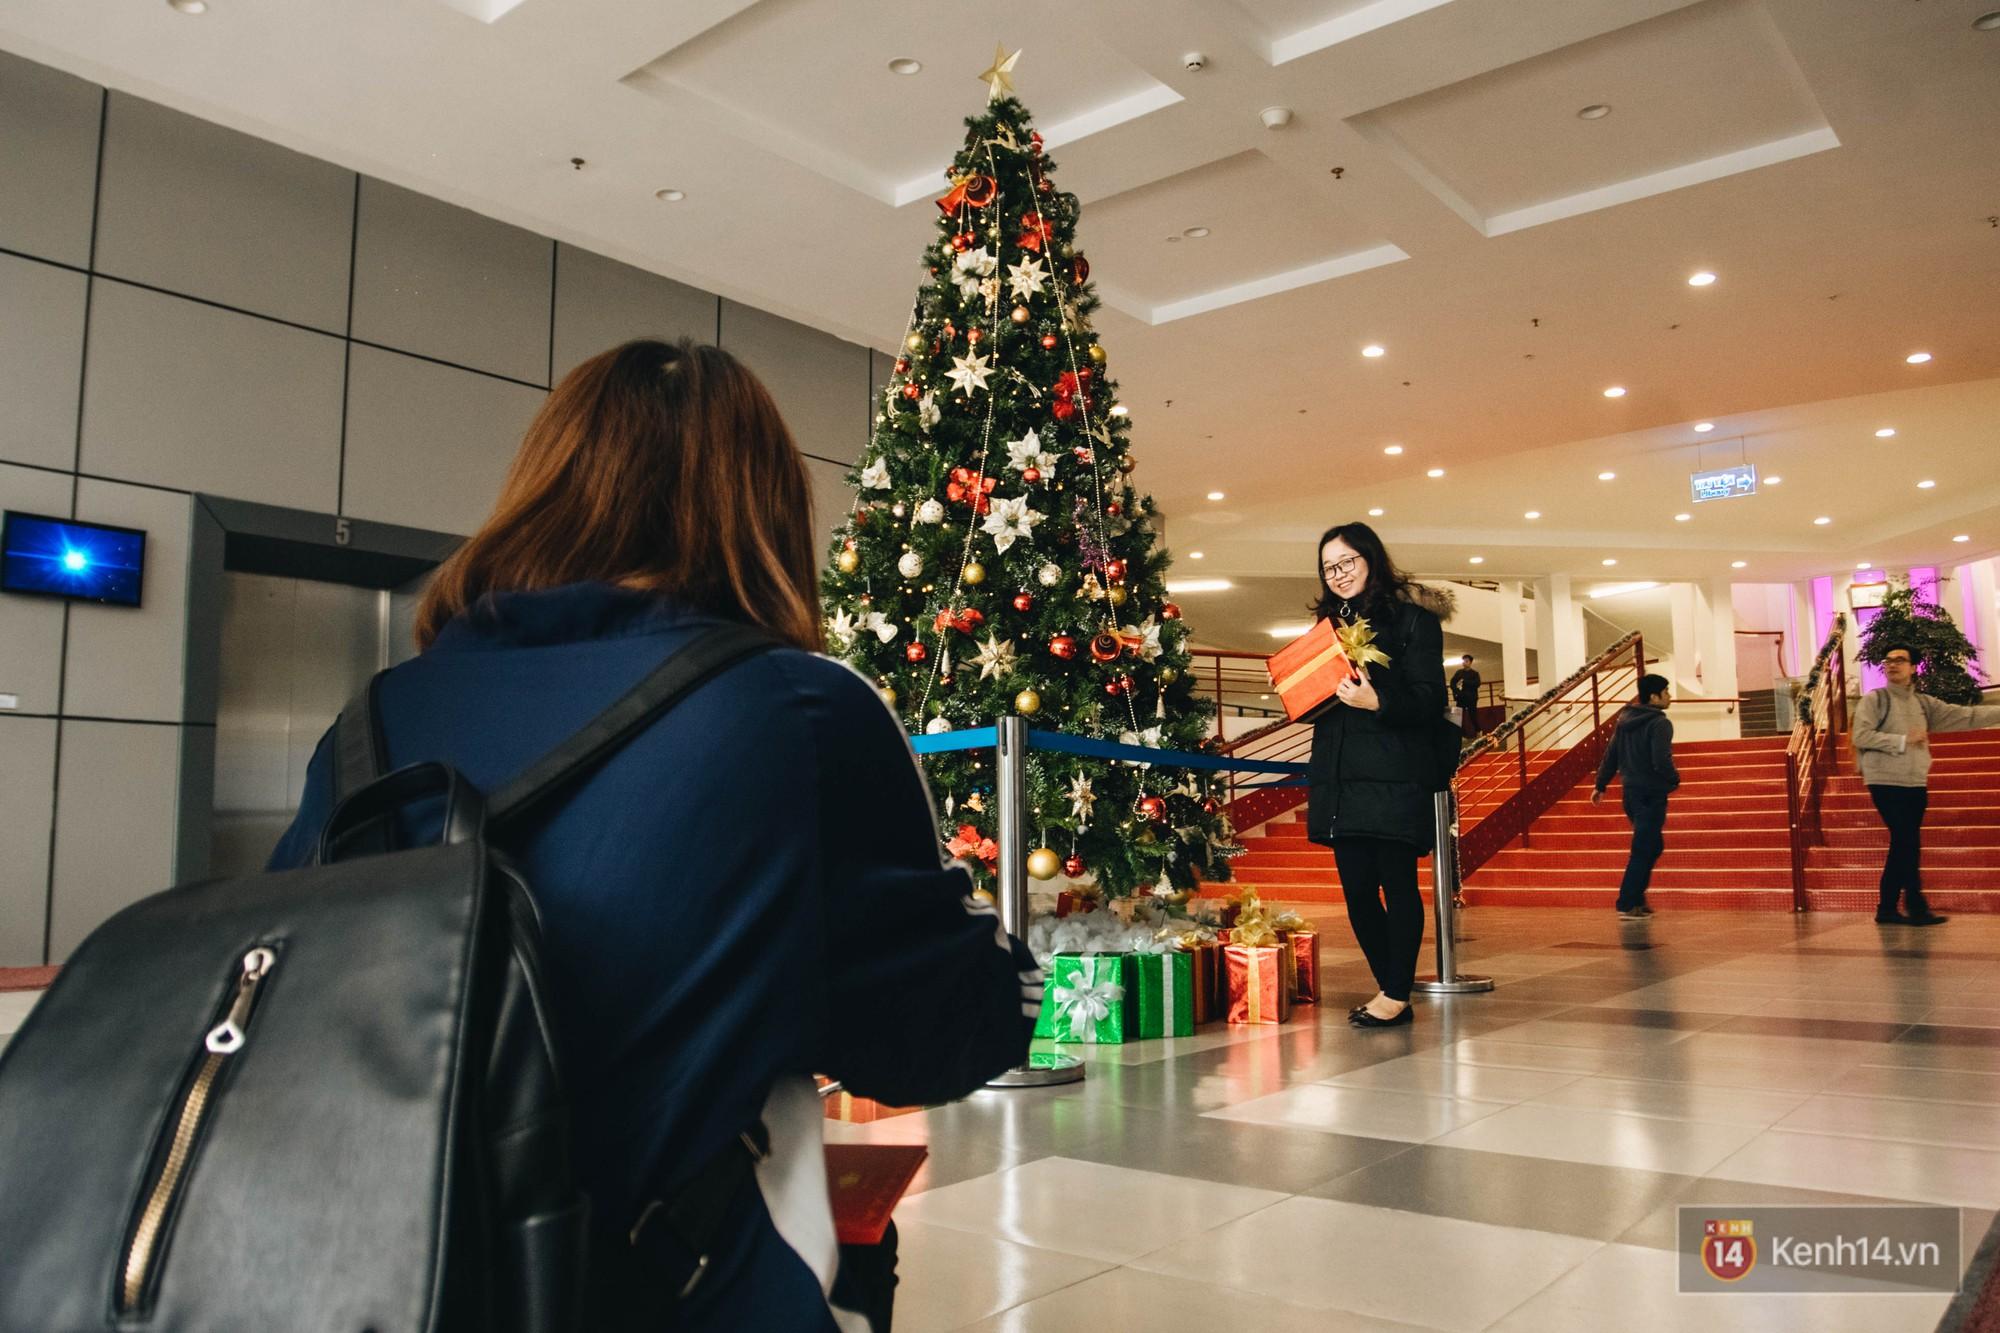 Xịn như Kinh tế Quốc dân: Dựng không gian checkin Noel sang như khách sạn bên trong toà nhà thế kỷ 96.000 m2 với 17 thang máy! - Ảnh 17.